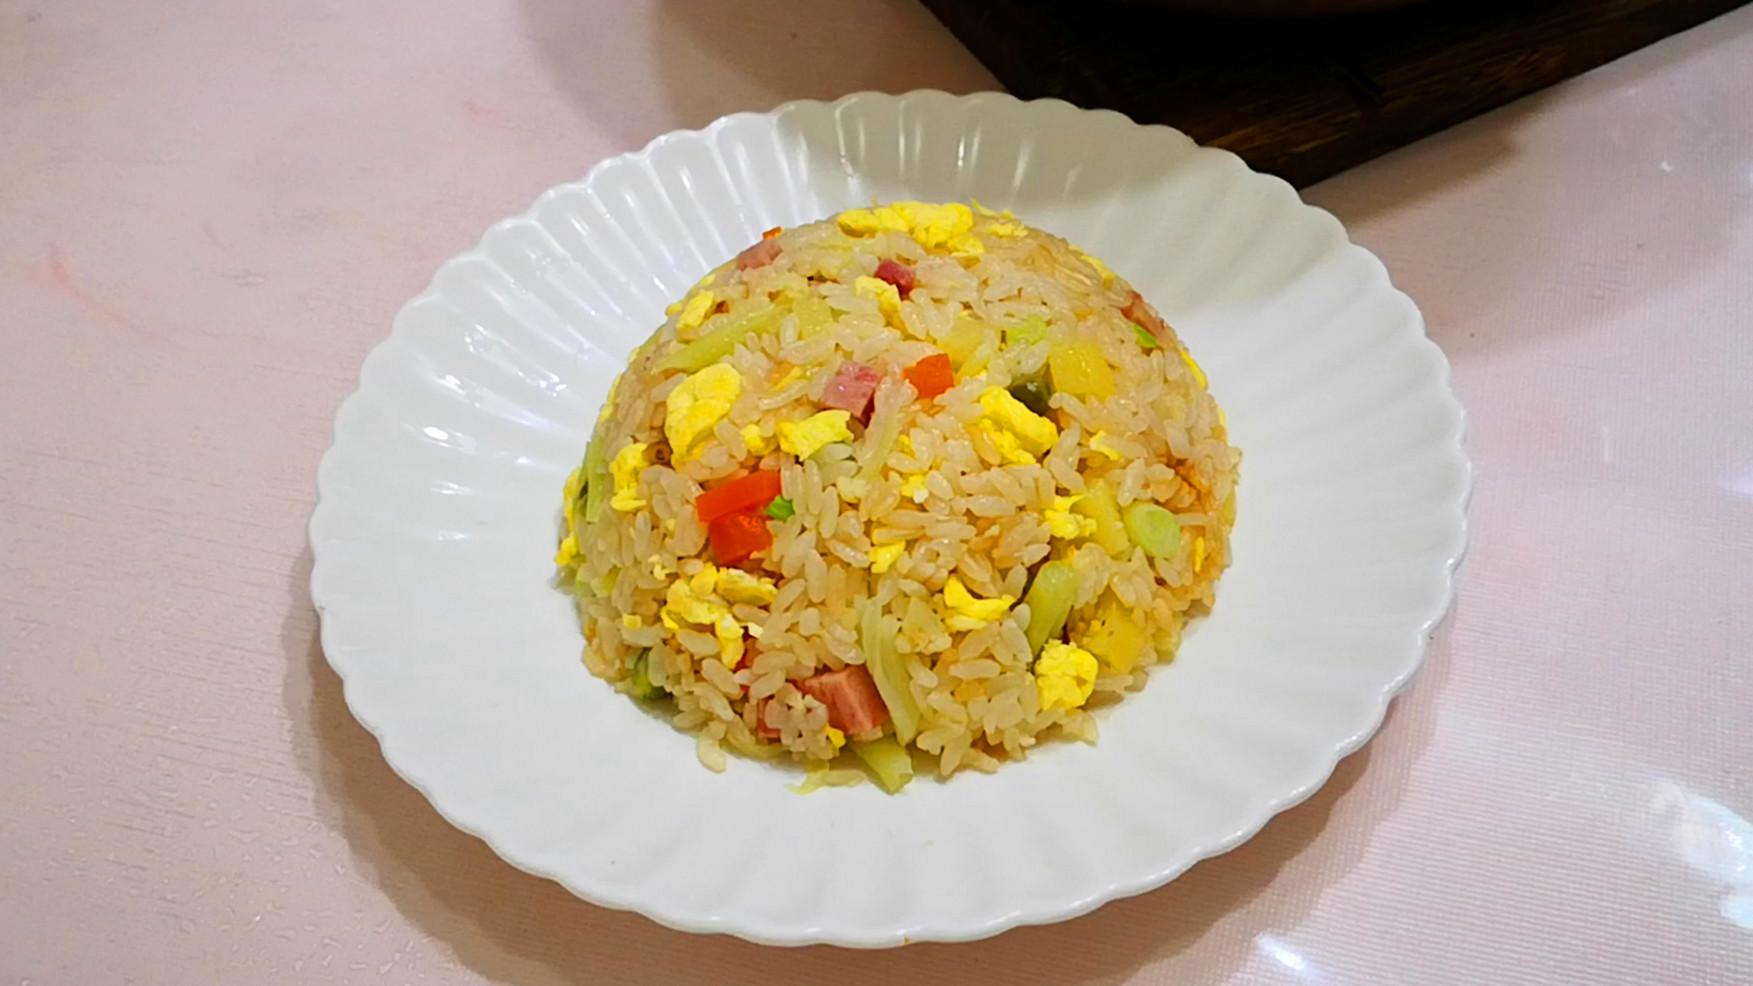 天热最爱吃的米饭,比蛋炒饭香,营养好吃不长肉,关键还特省事!